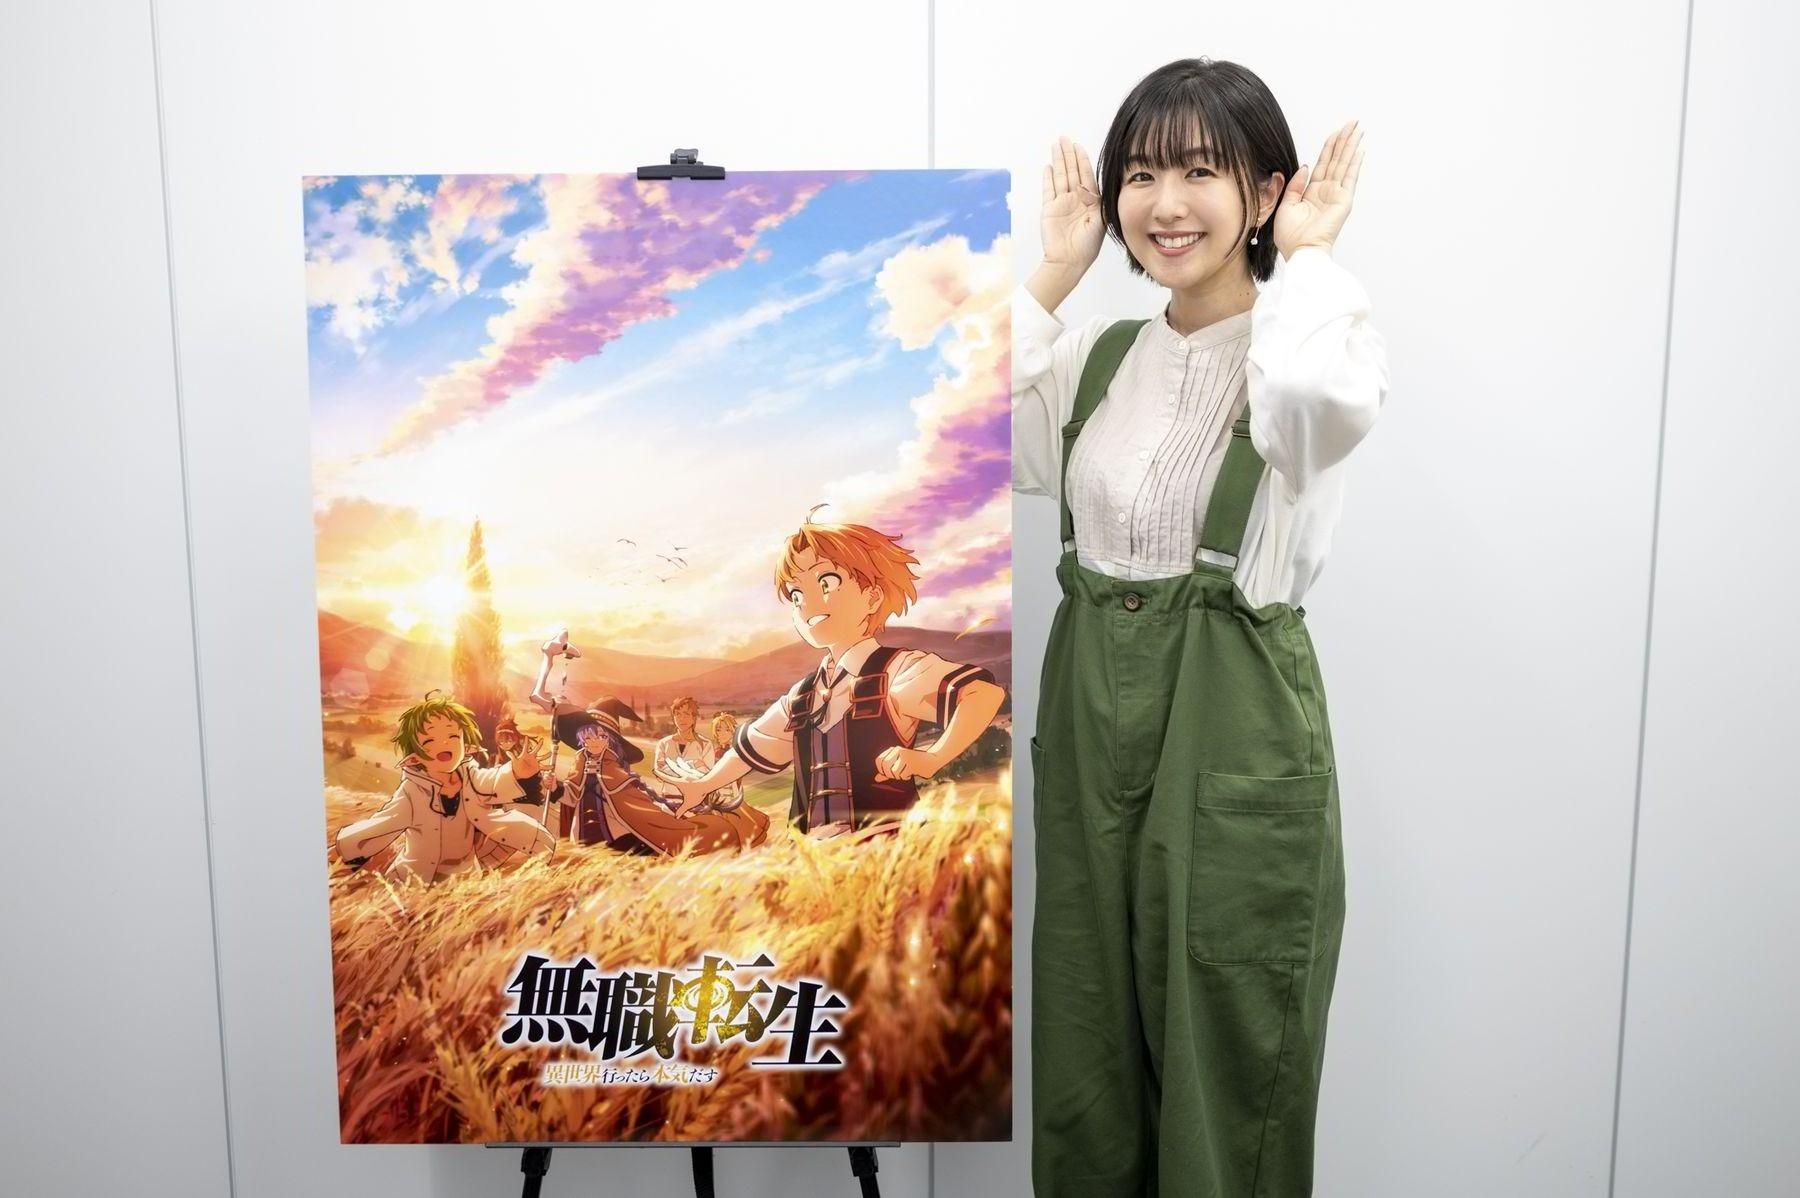 冬アニメ『無職転生』シルフィ役・茅野愛衣 声優インタビュー